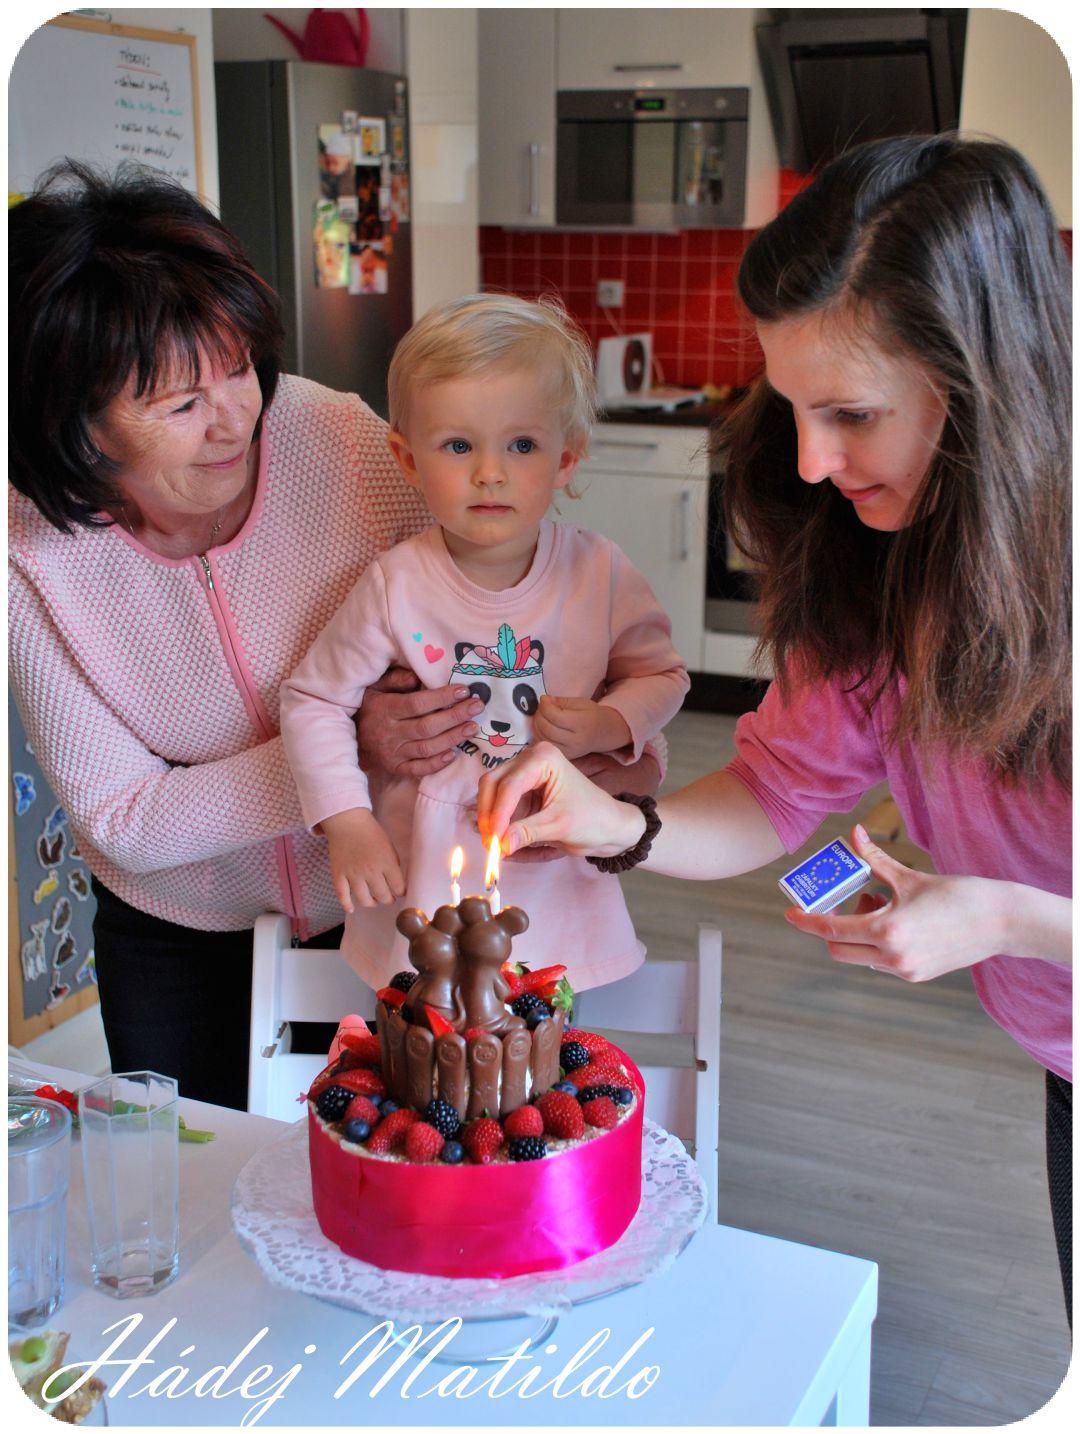 druhé narozeniny, oslava druhých narozenin